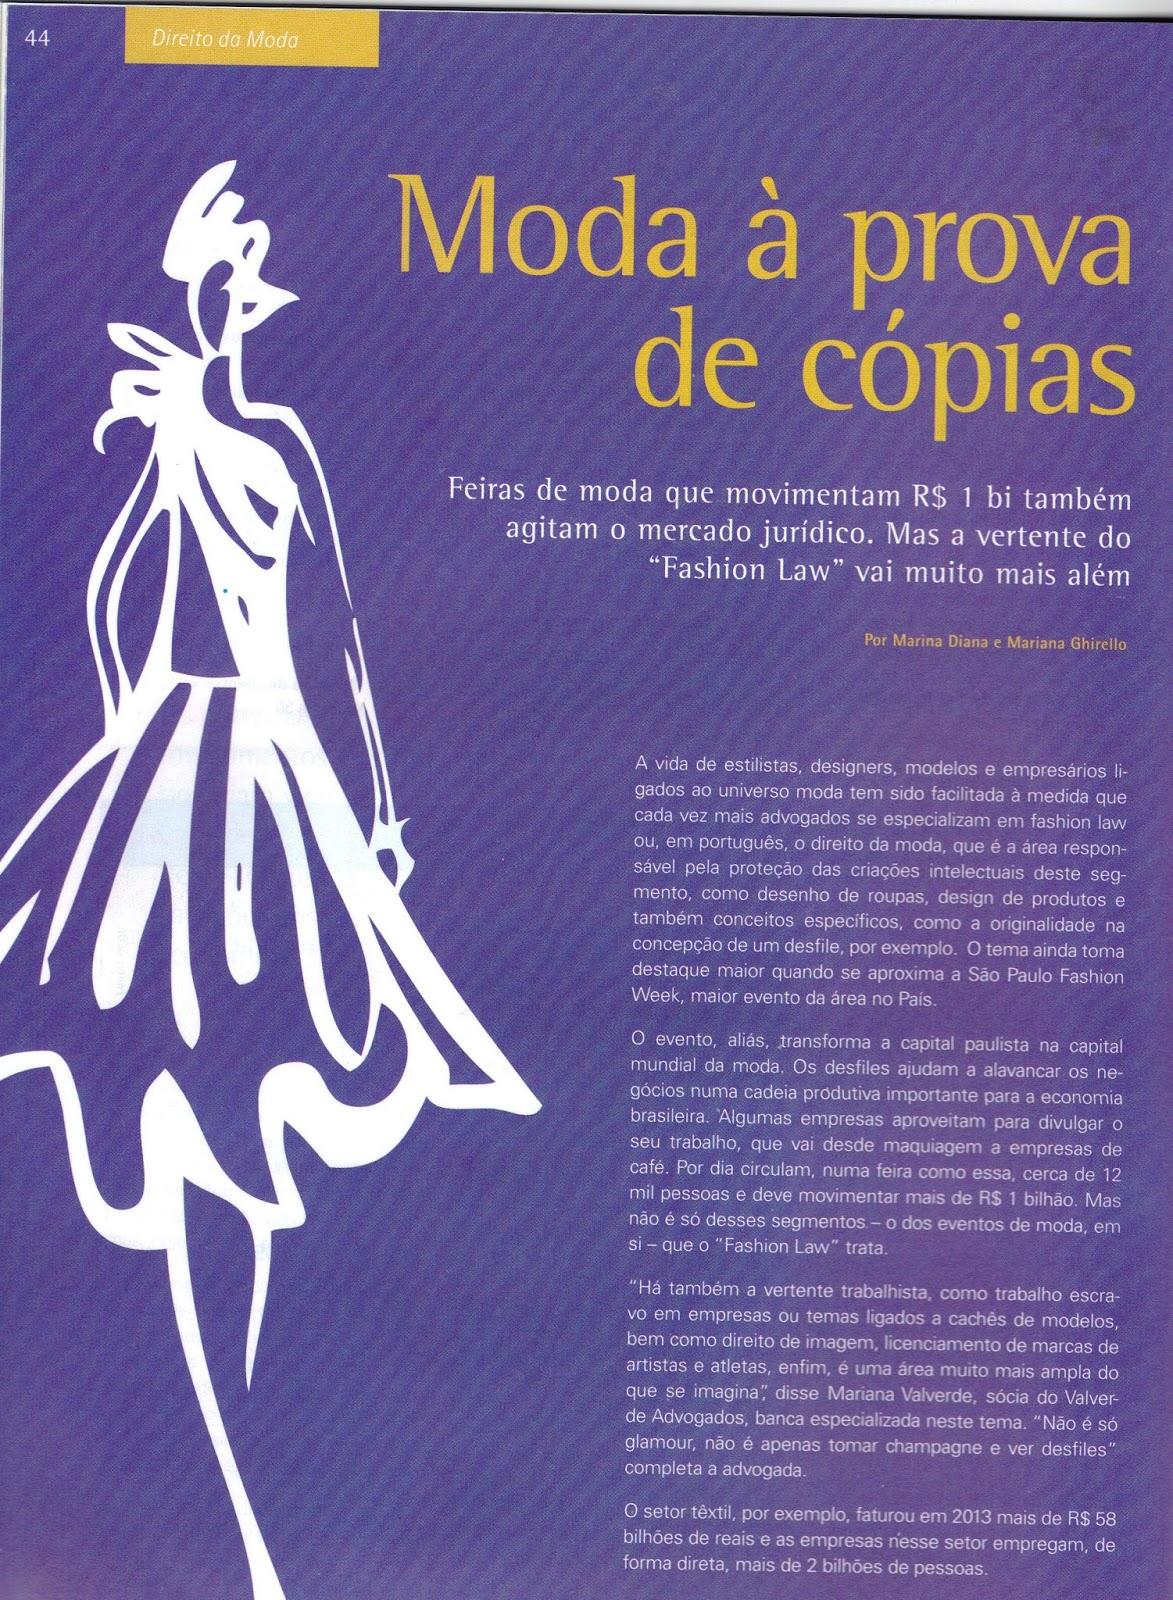 9bda6ecd6 Por conta disto, a Revista Advogados Mercado e Negócios, abordou, em sua  edição nº 51, o tema do Fashion Law, entrevistando diversos operadores do  Direito ...